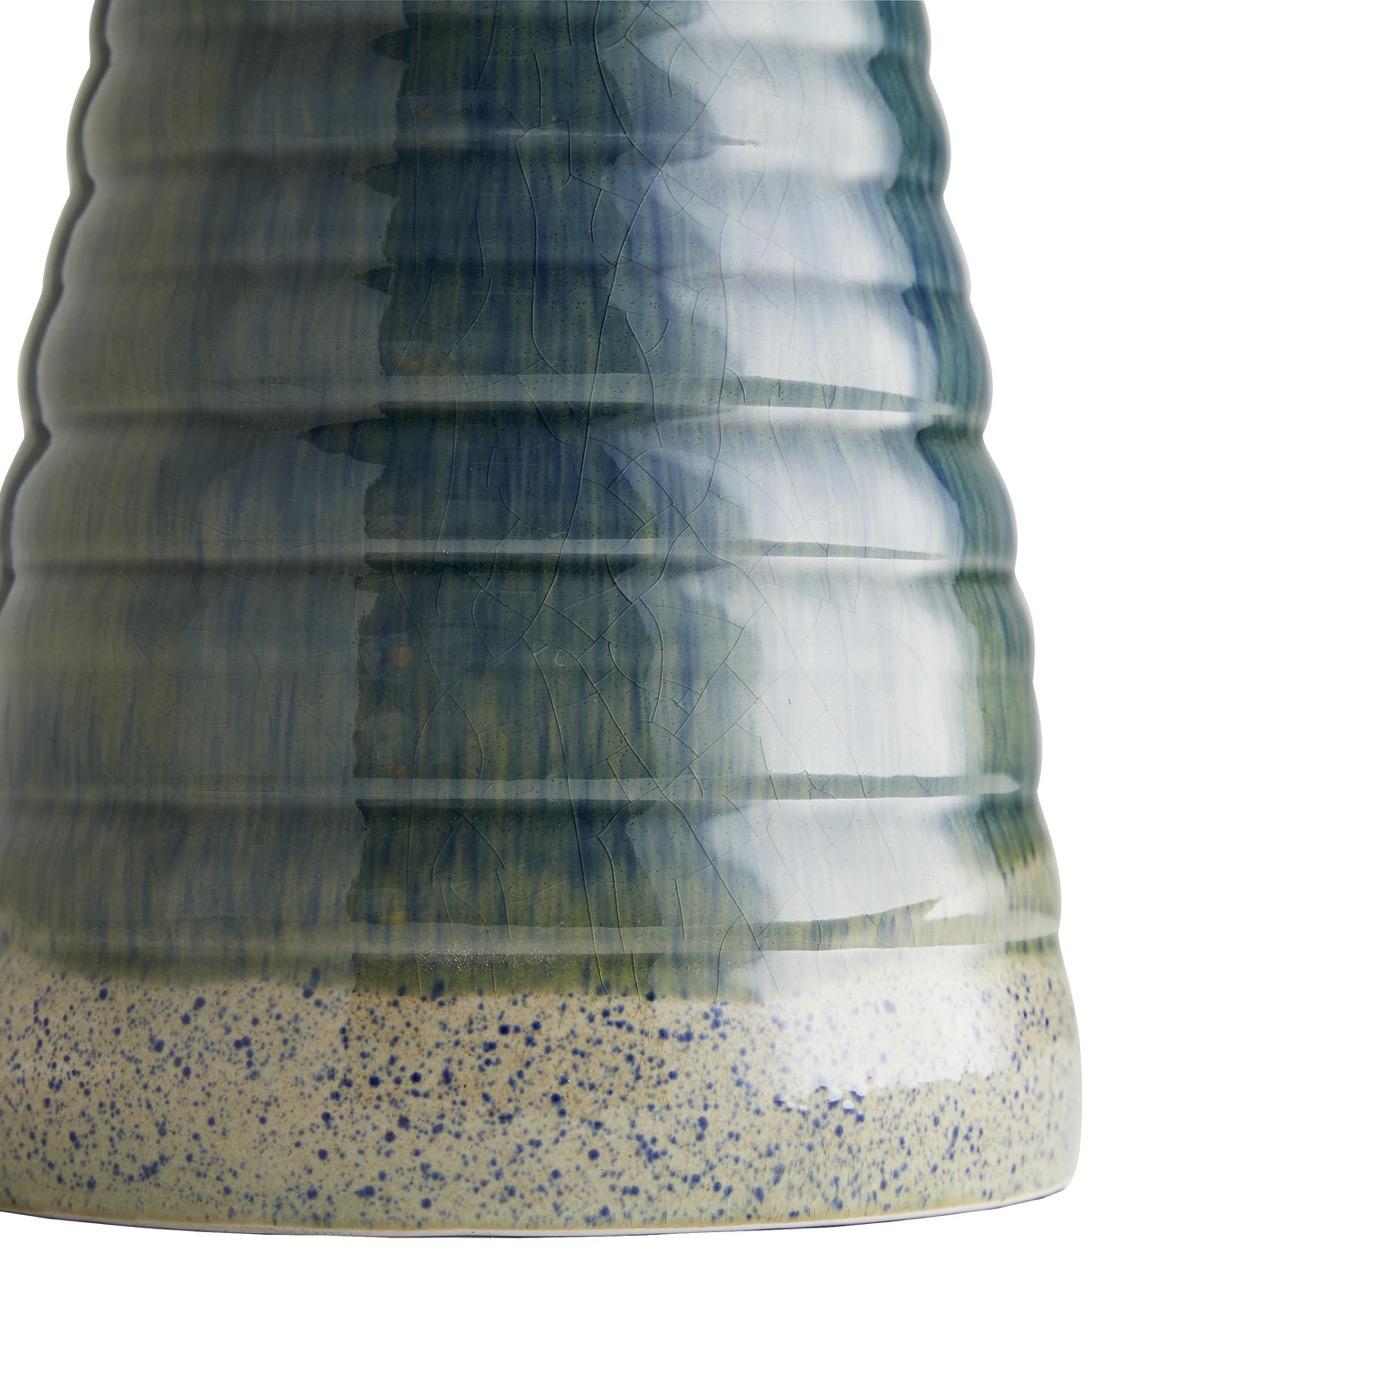 Alberta Porcelain Table Lamp